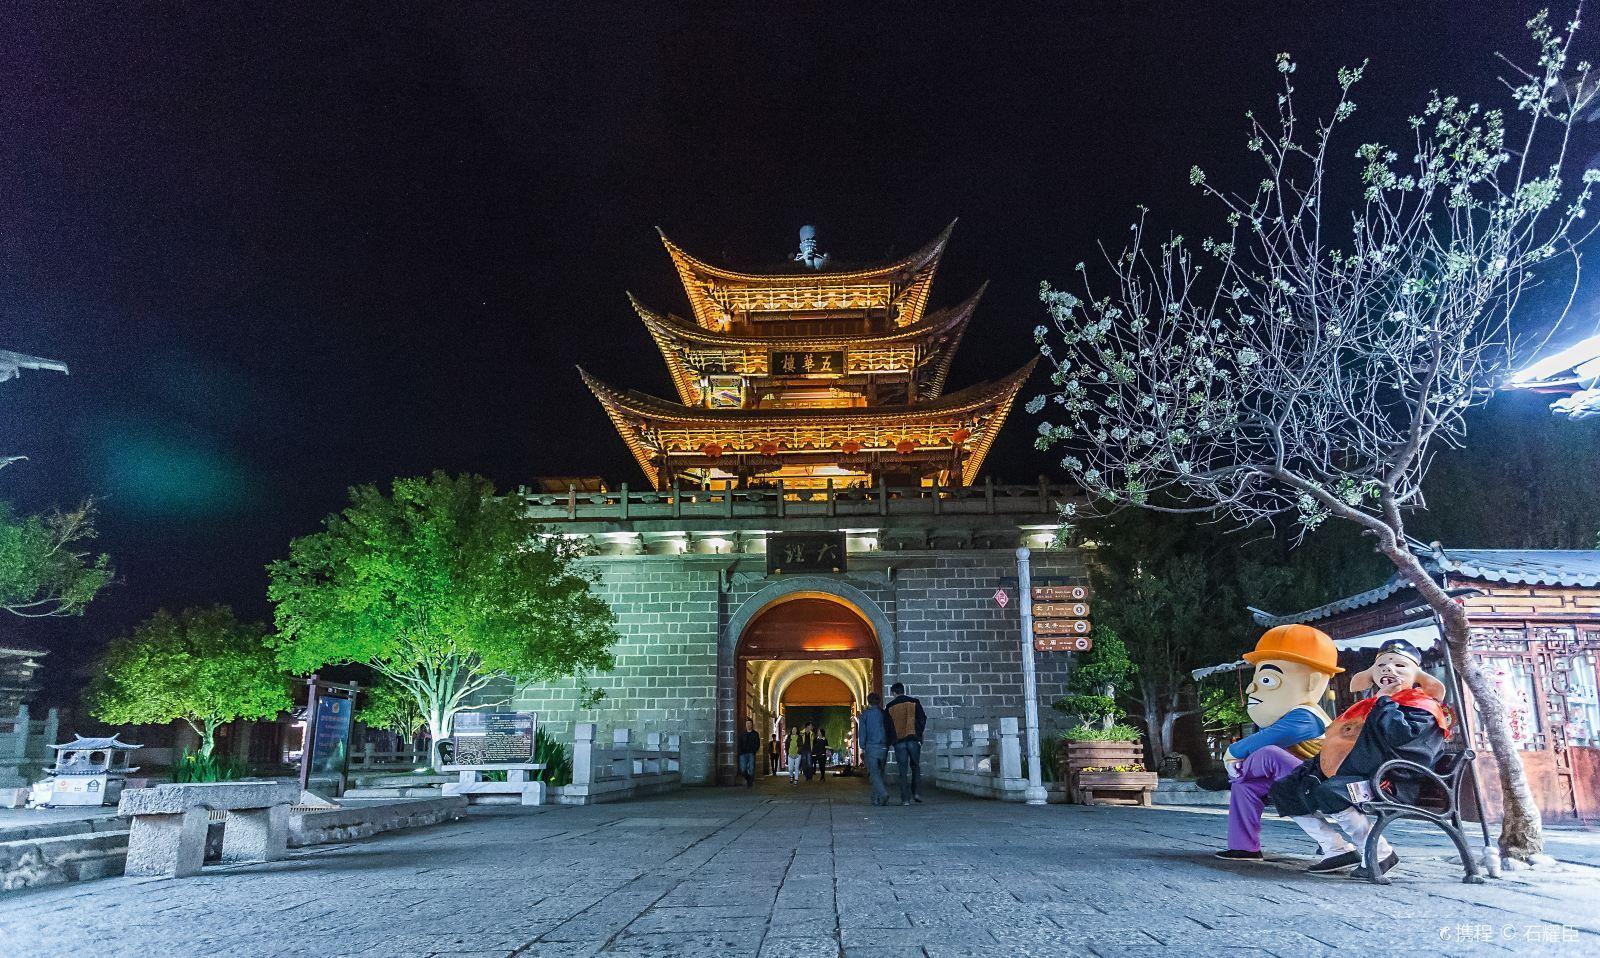 云南少数民族景点旅游线路推荐